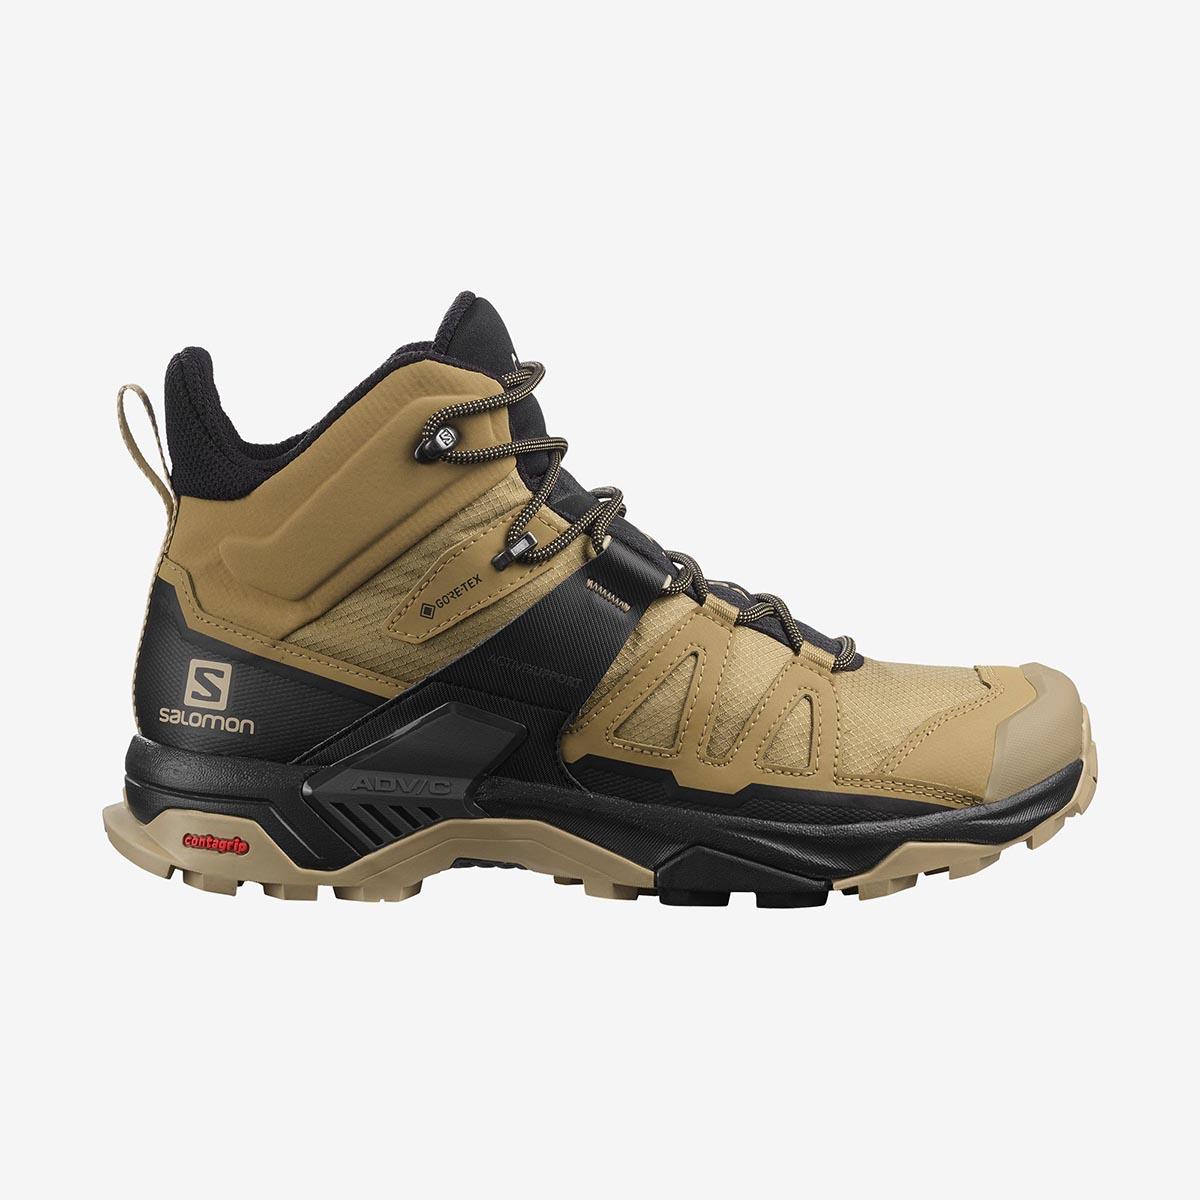 Salomon X ULTRA 4 MID GTX Erkek Ayakkabısı L41294100